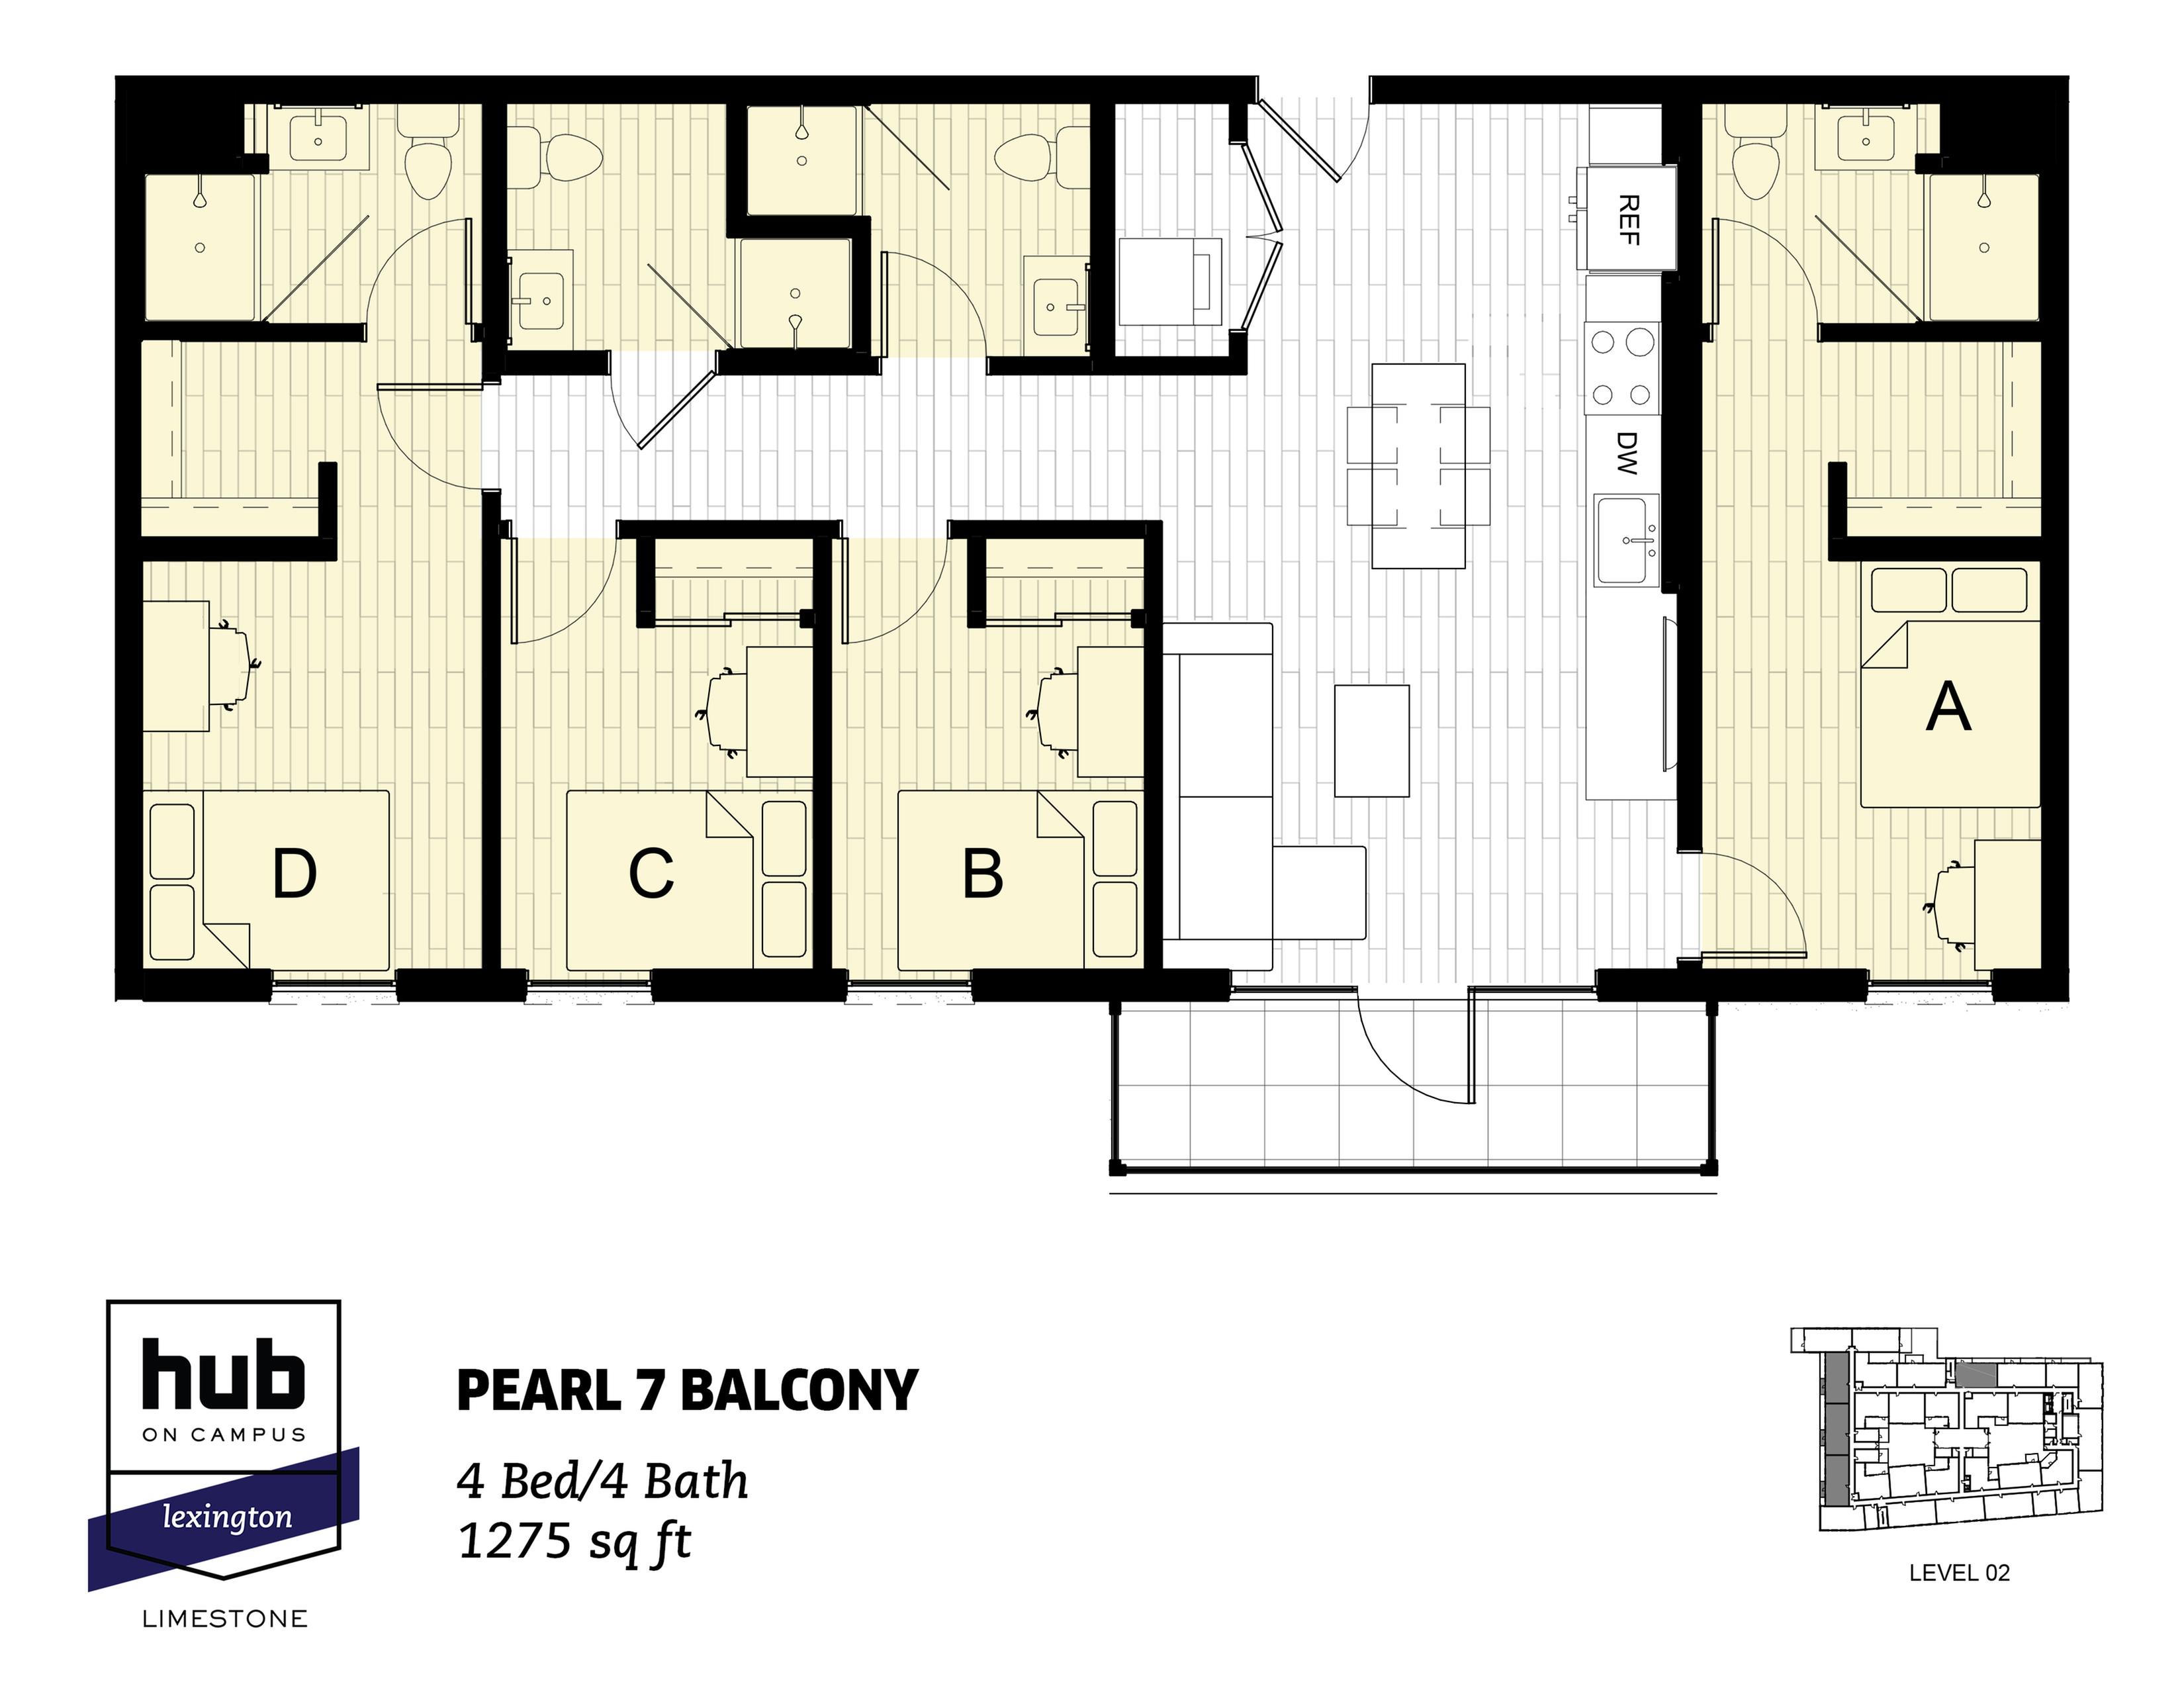 Pearl 7 Balcony